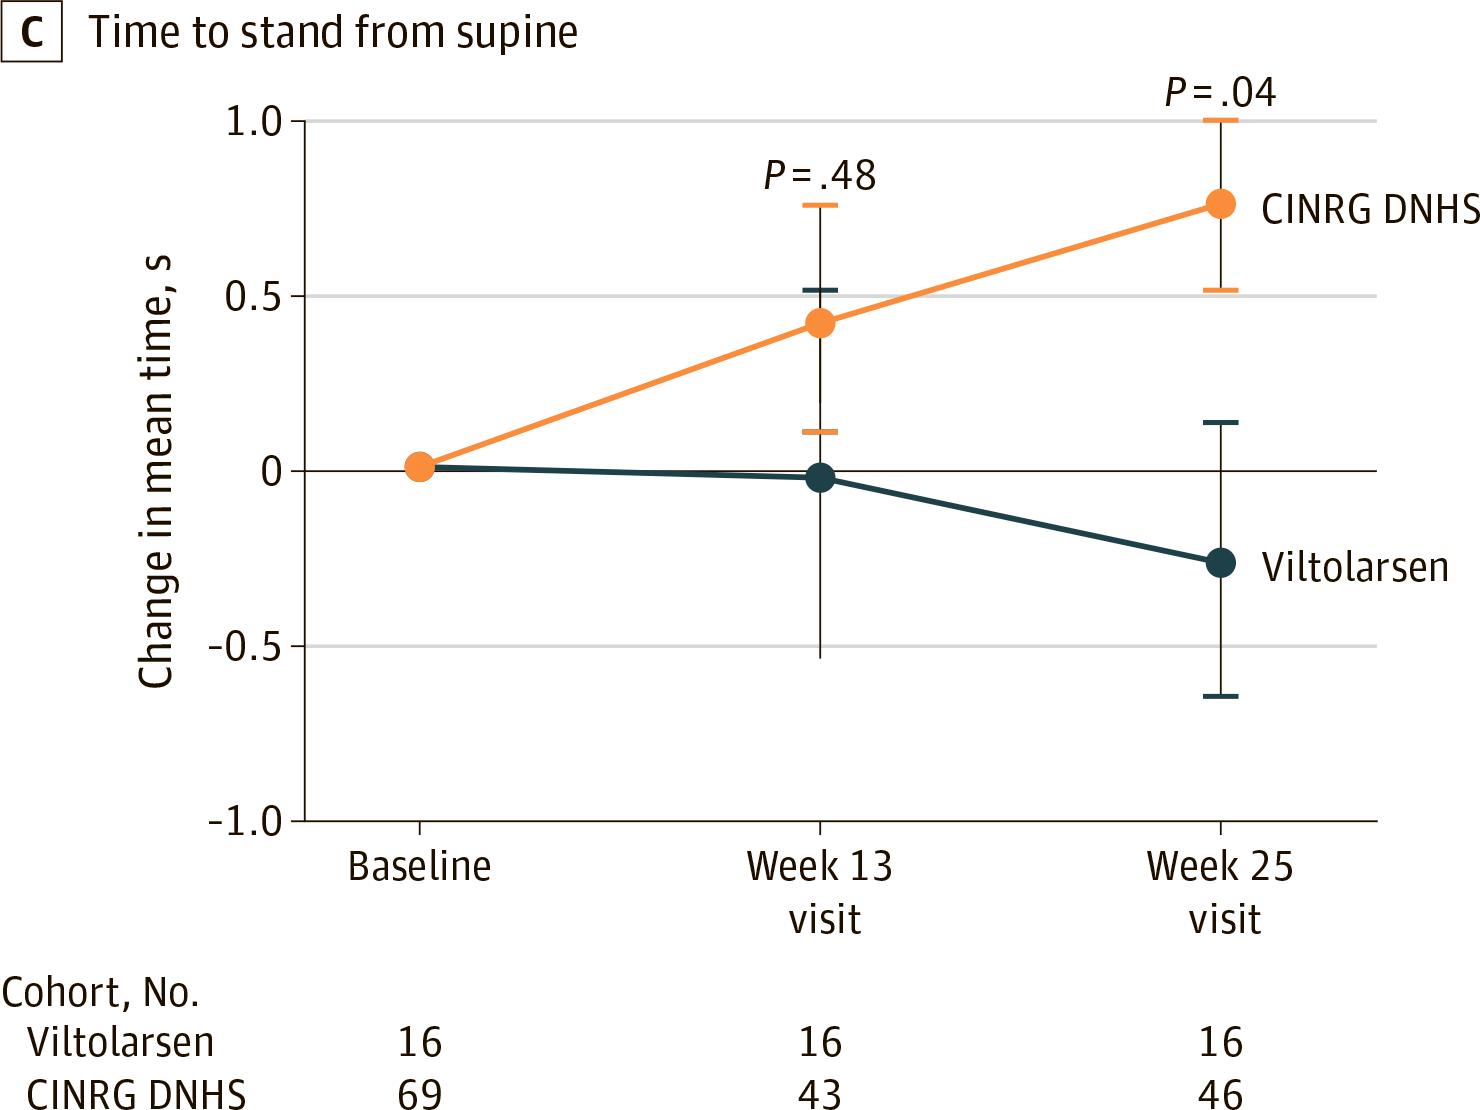 nct02740972 results 06 - «Вилтепсо»: новое лекарство против мышечной дистрофии Дюшенна